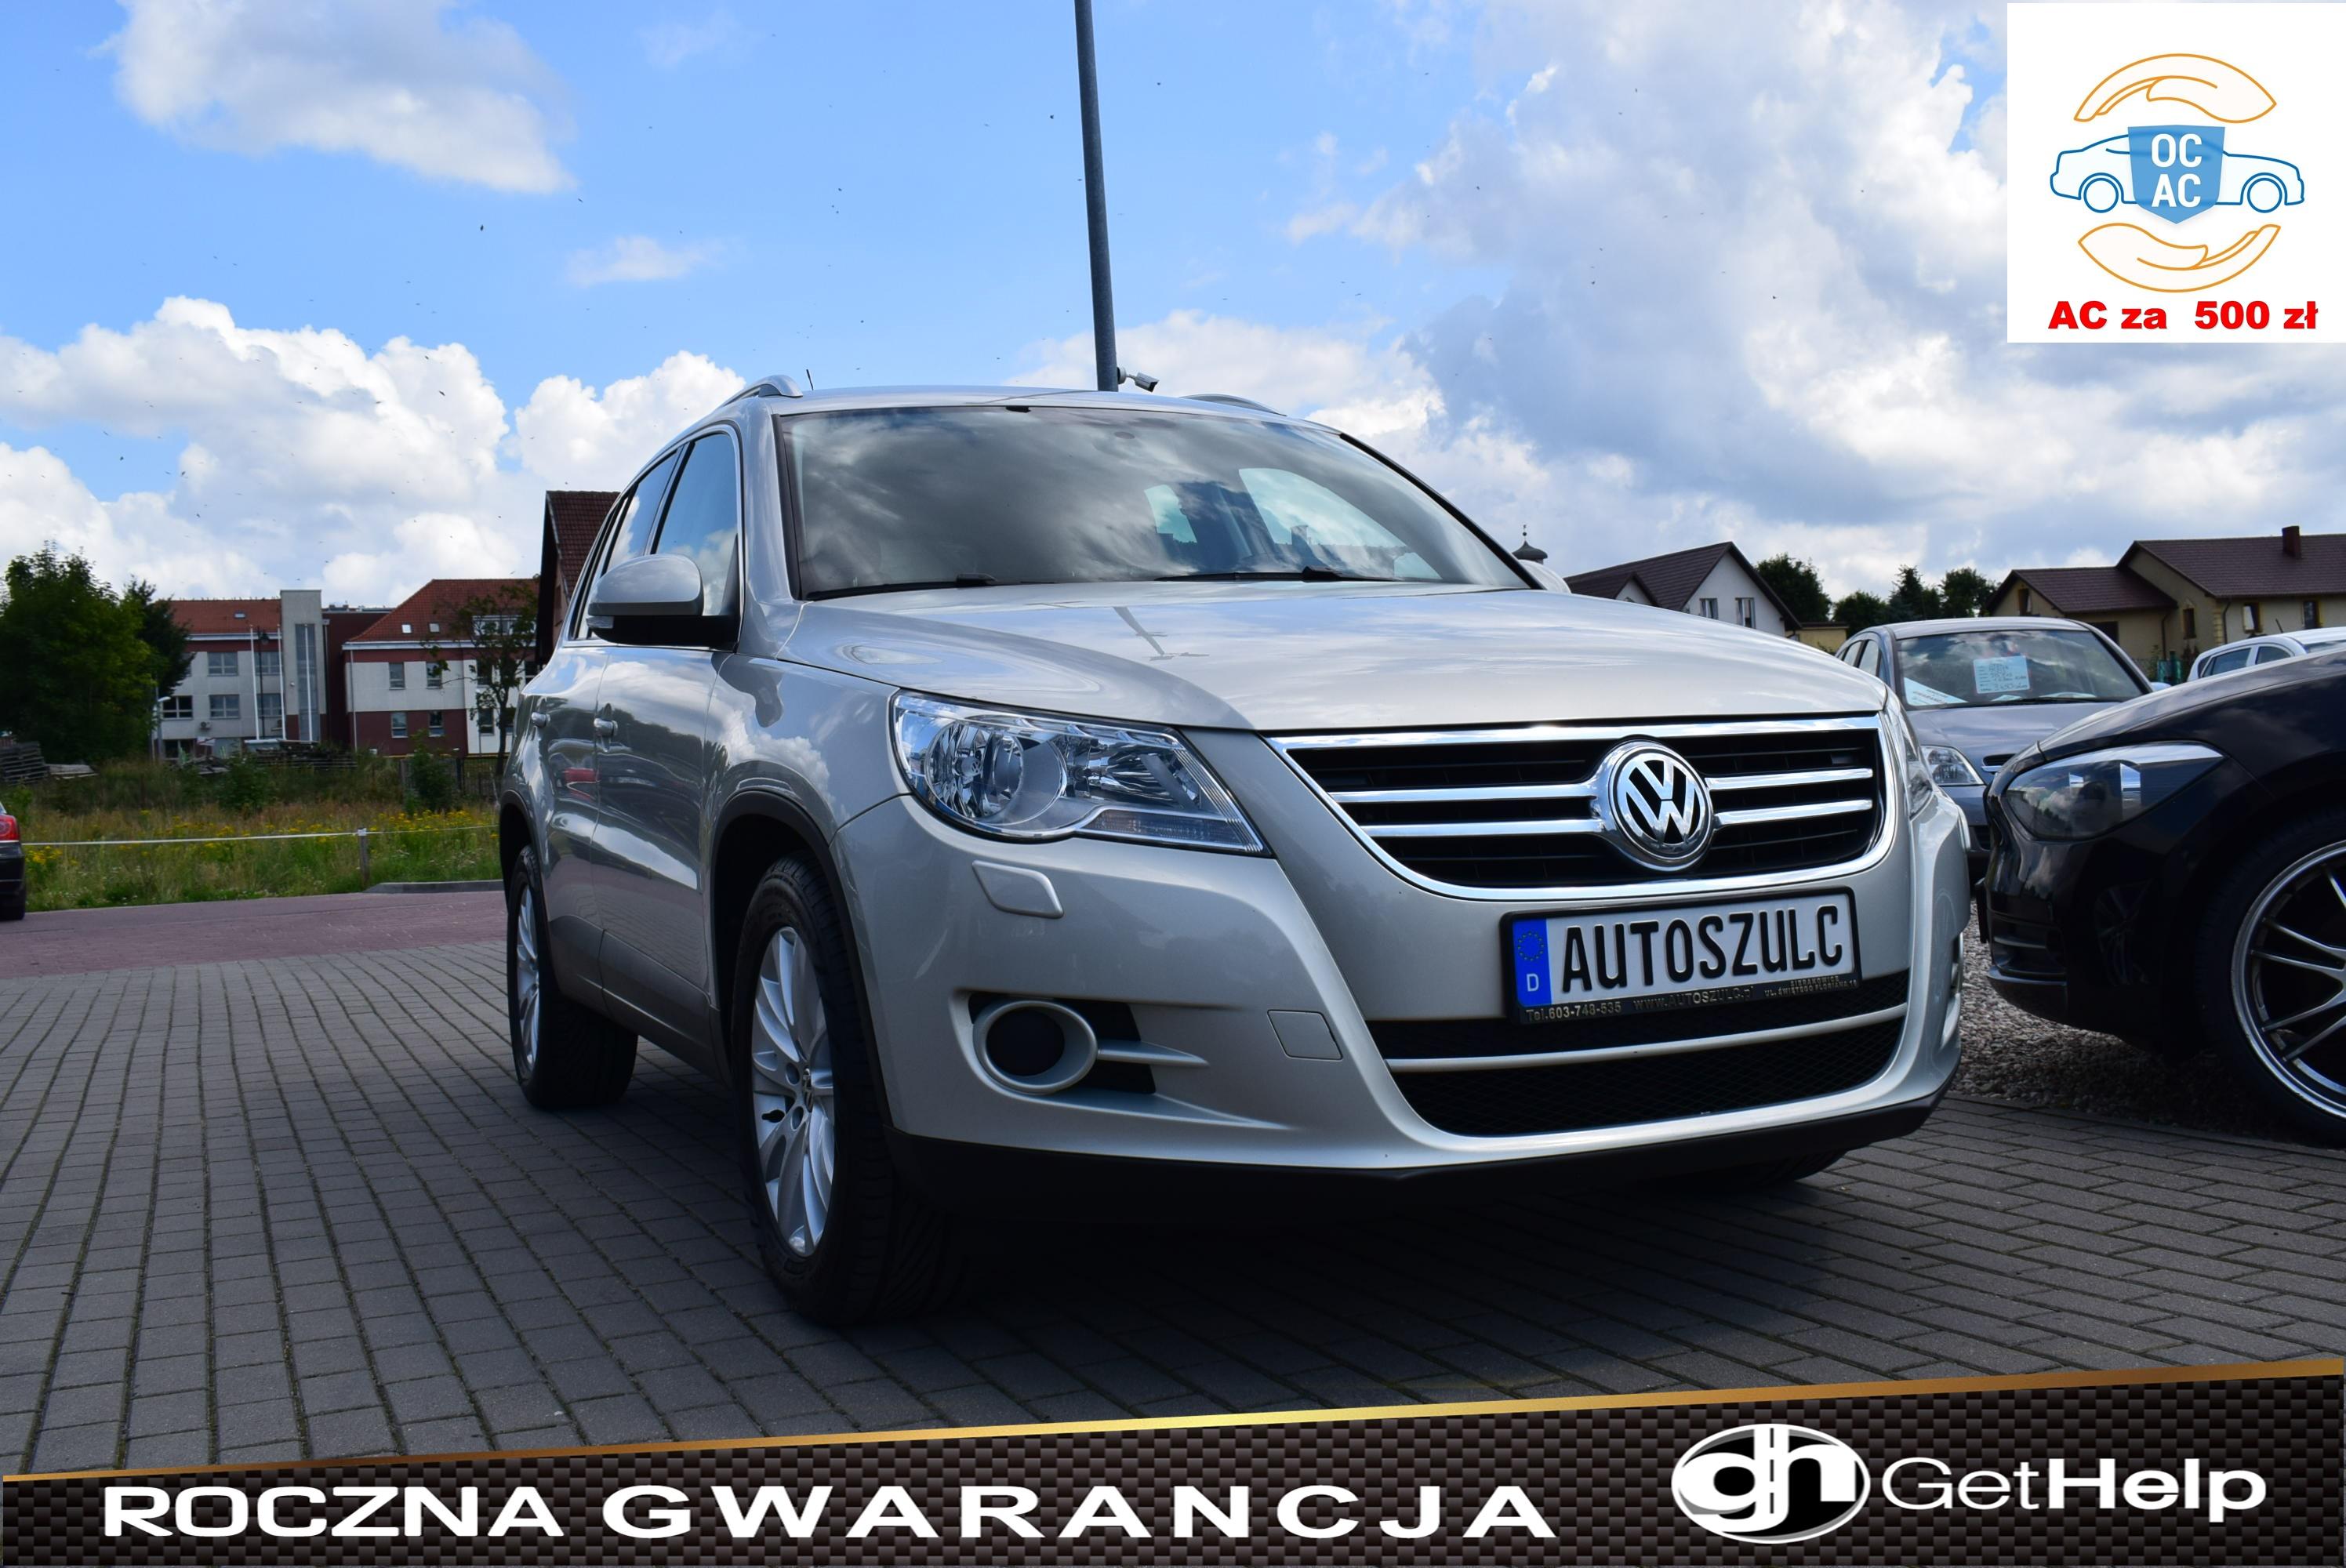 VW Tiguan 2.0 TDI, I-Właściciel, Z Niemiec, Sprawny Technicznie, Zadbany, SUV, Serwisowany, Rok Gwarancji